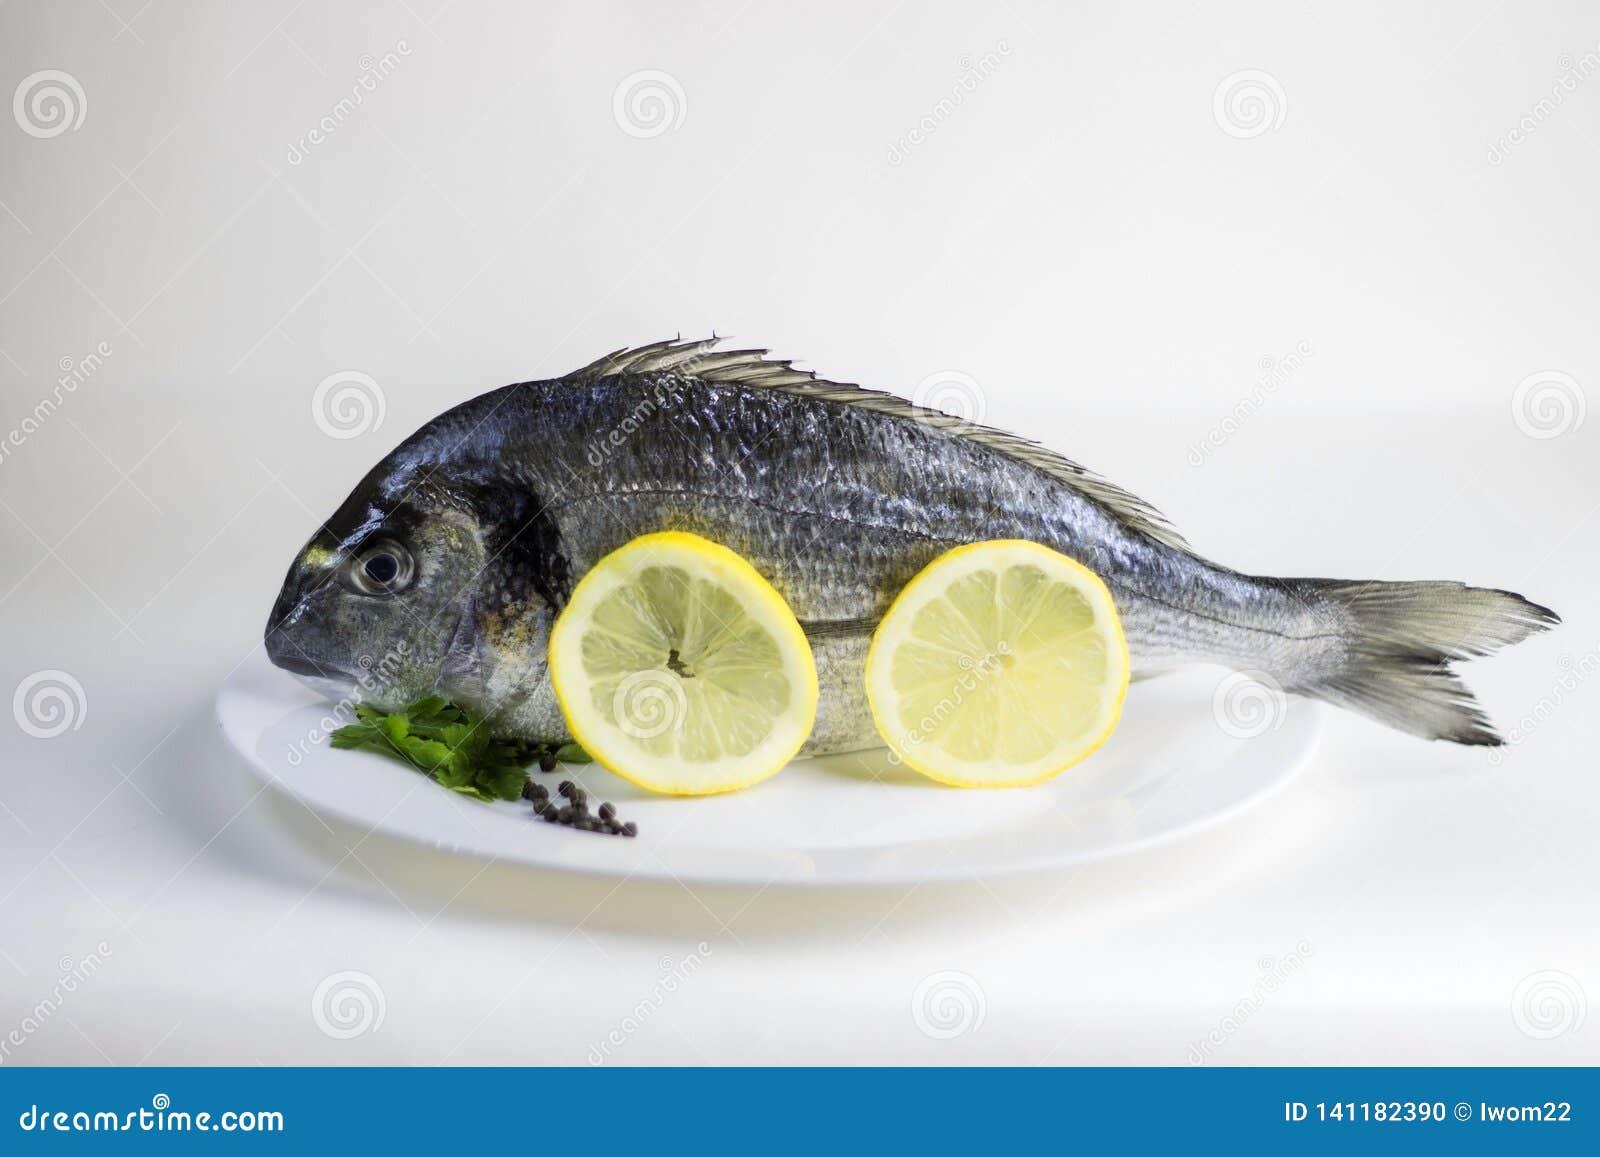 Ny, rå okokt hel doradofisk eller havsbraxen